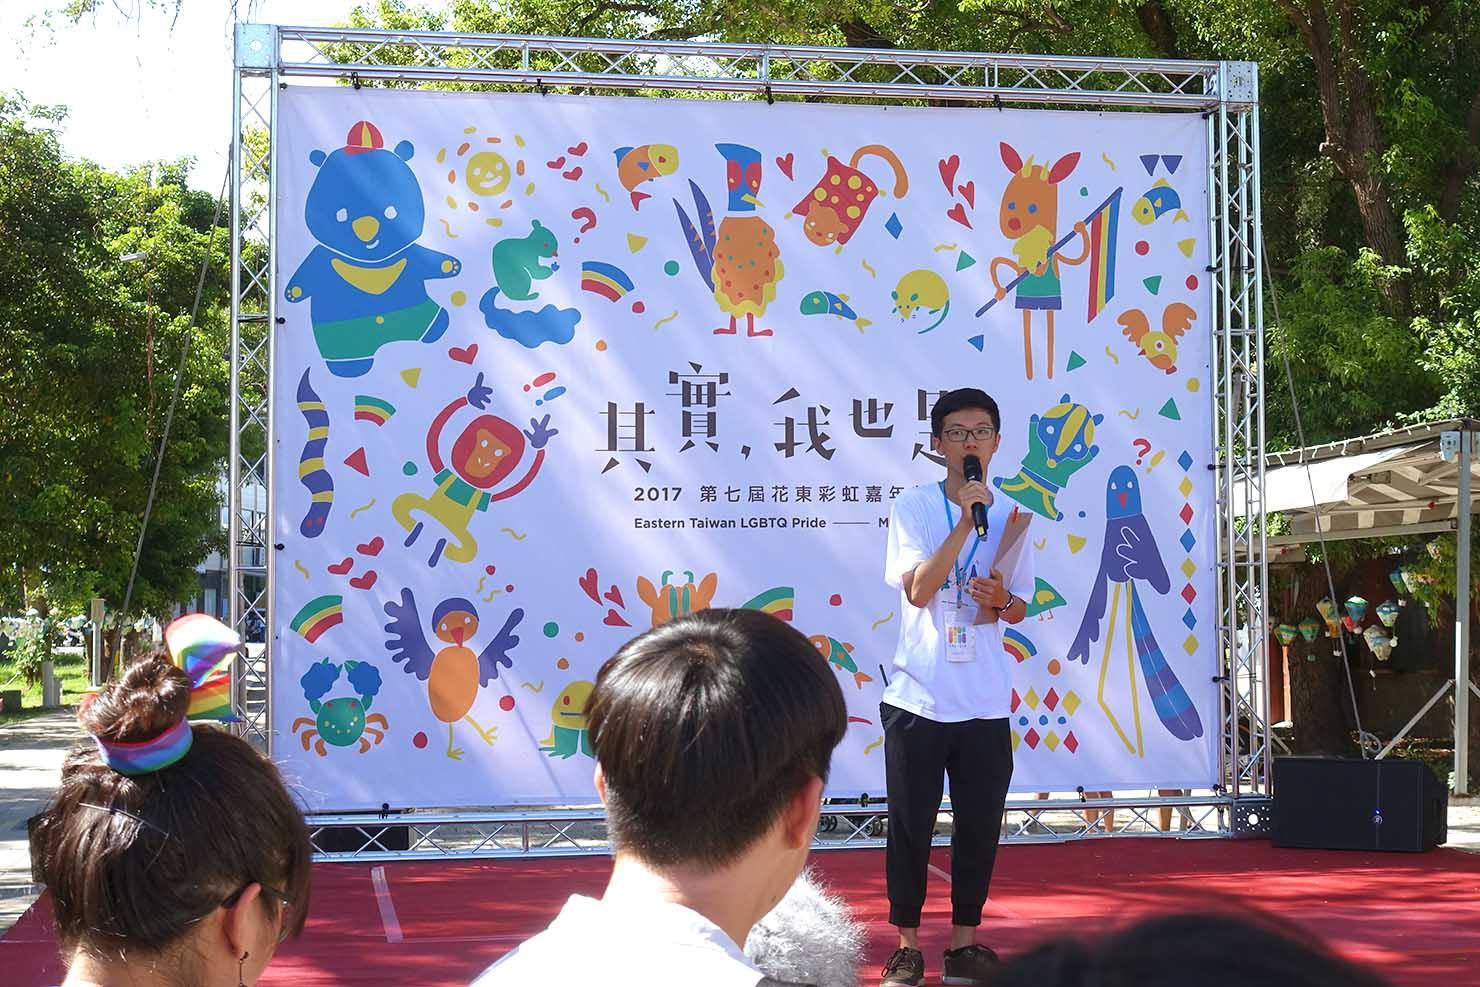 台湾東部のLGBTプライド「花東彩虹嘉年華」台東会場のステージに立つ主催者